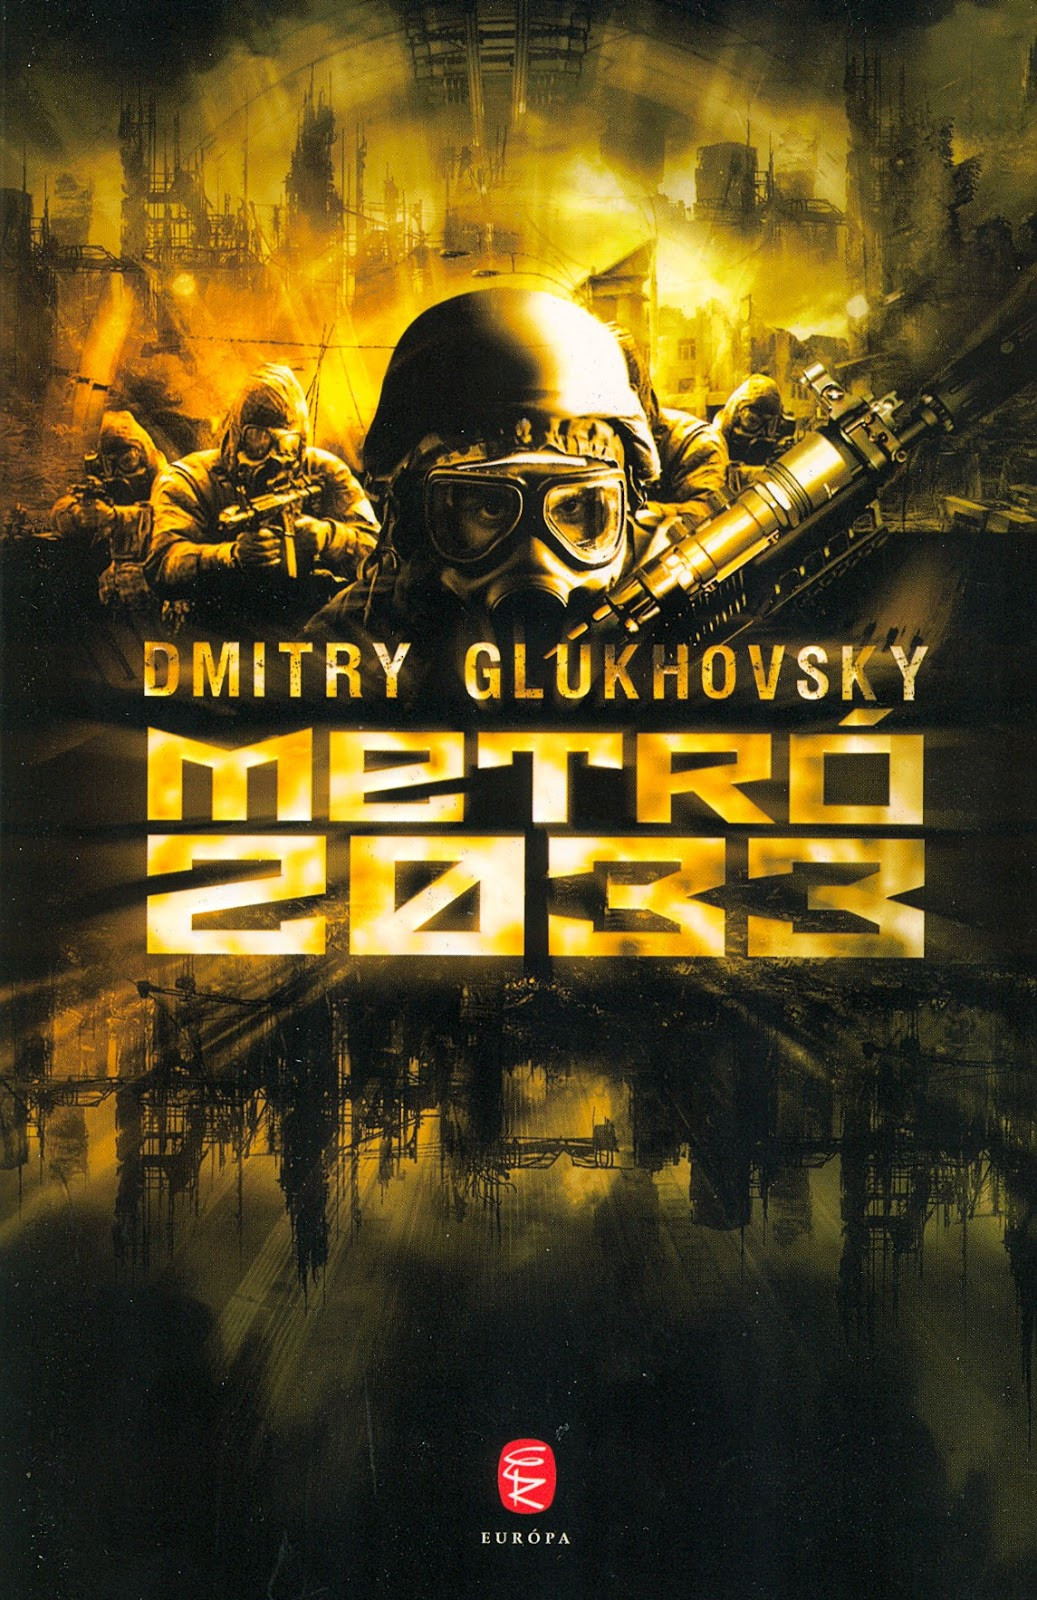 Dmitry Glukhovsky - [Metró 01.] - Metró 2033_cover.jpg